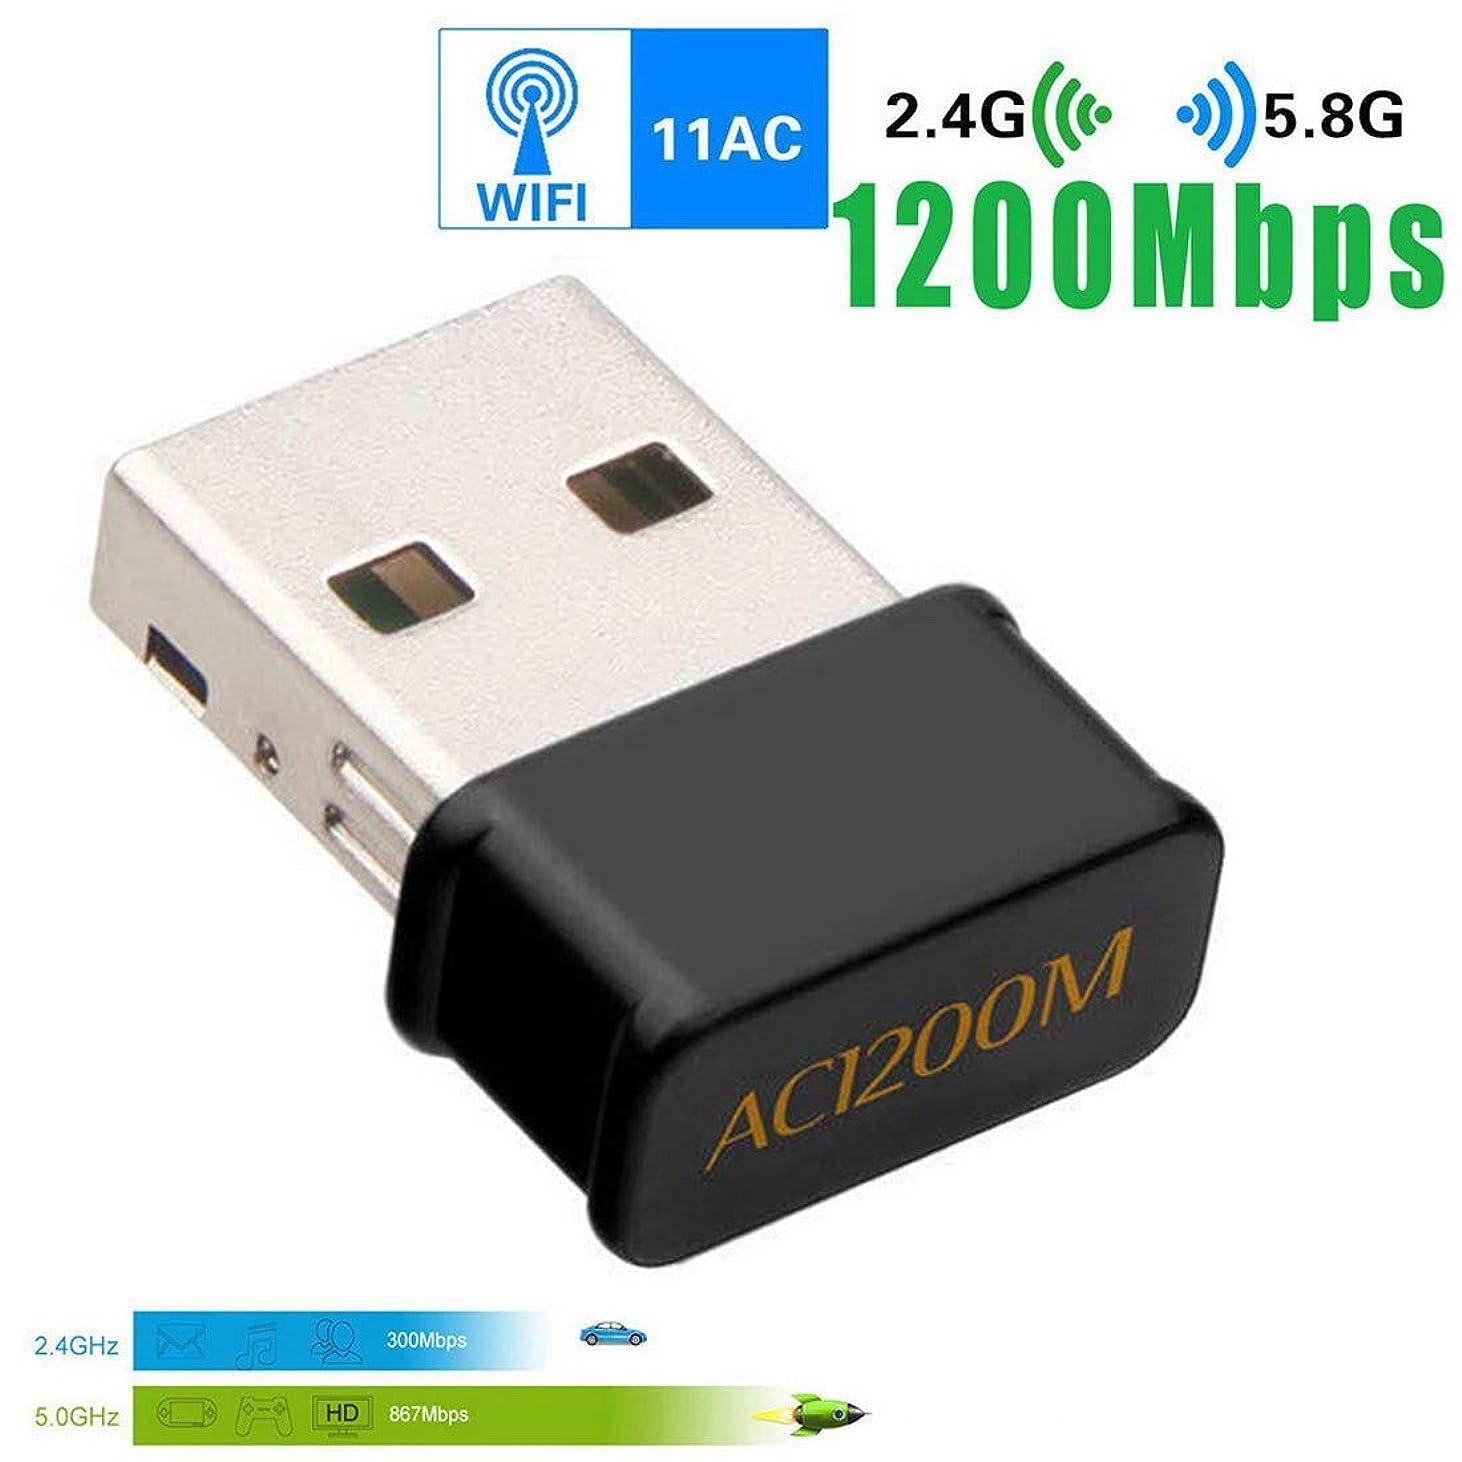 神学校お母さんファンUSB WiFi アダプタ、802.11ACドングルネットワークカード(ラップトップデスクトップ用)1200Mbps 2.4G & 5GデュアルバンドワイヤレスWifiレシーバー